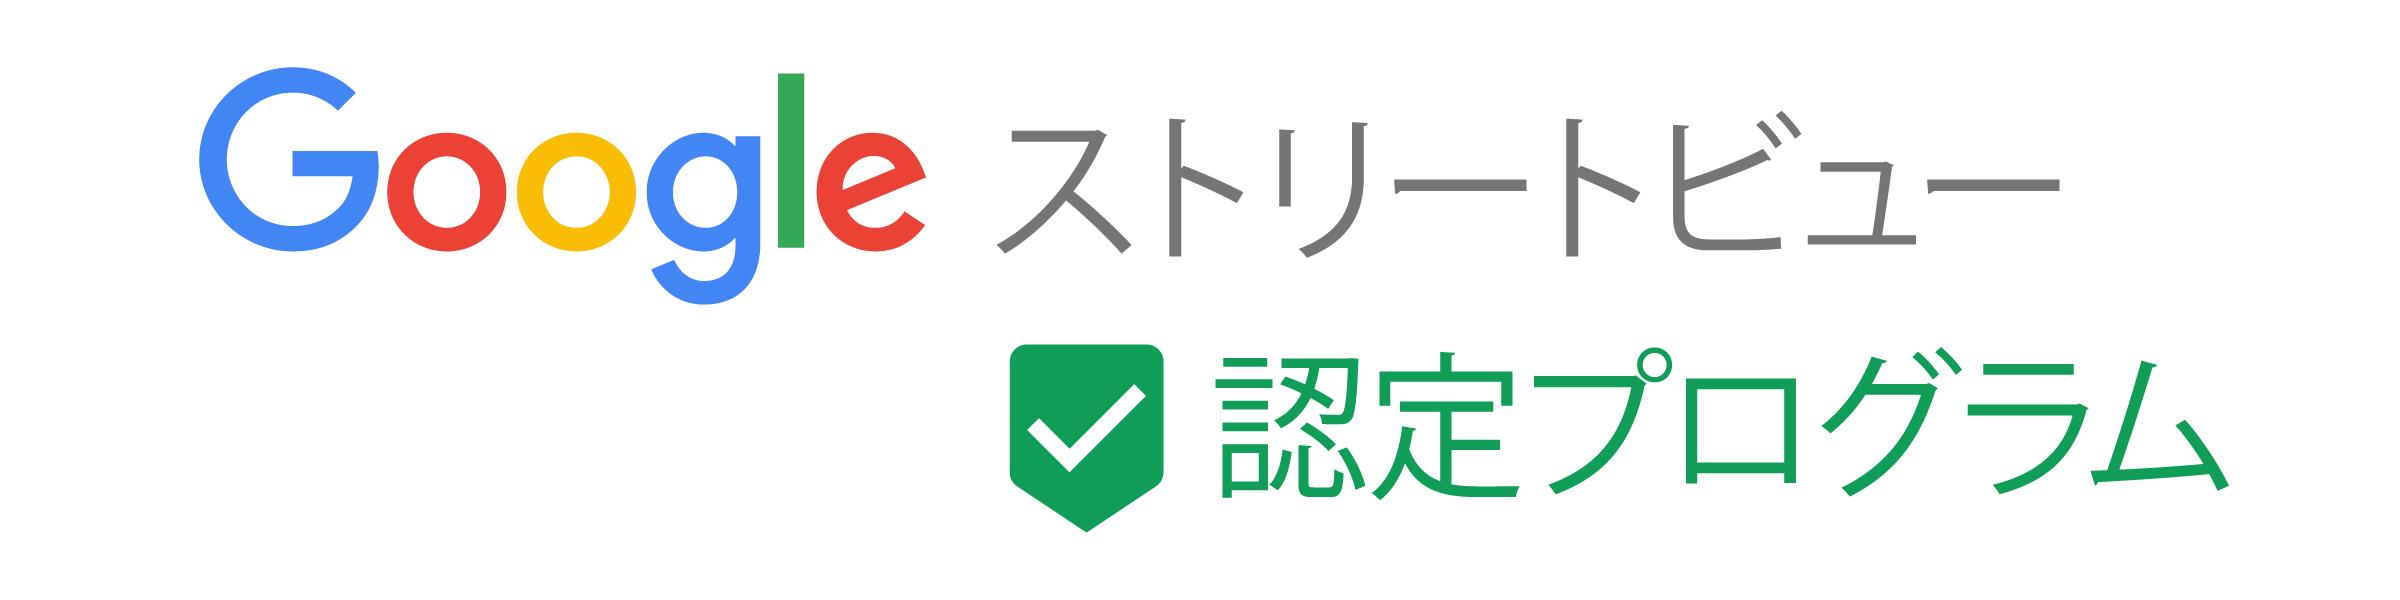 Googleストリートビュー認定プログラム